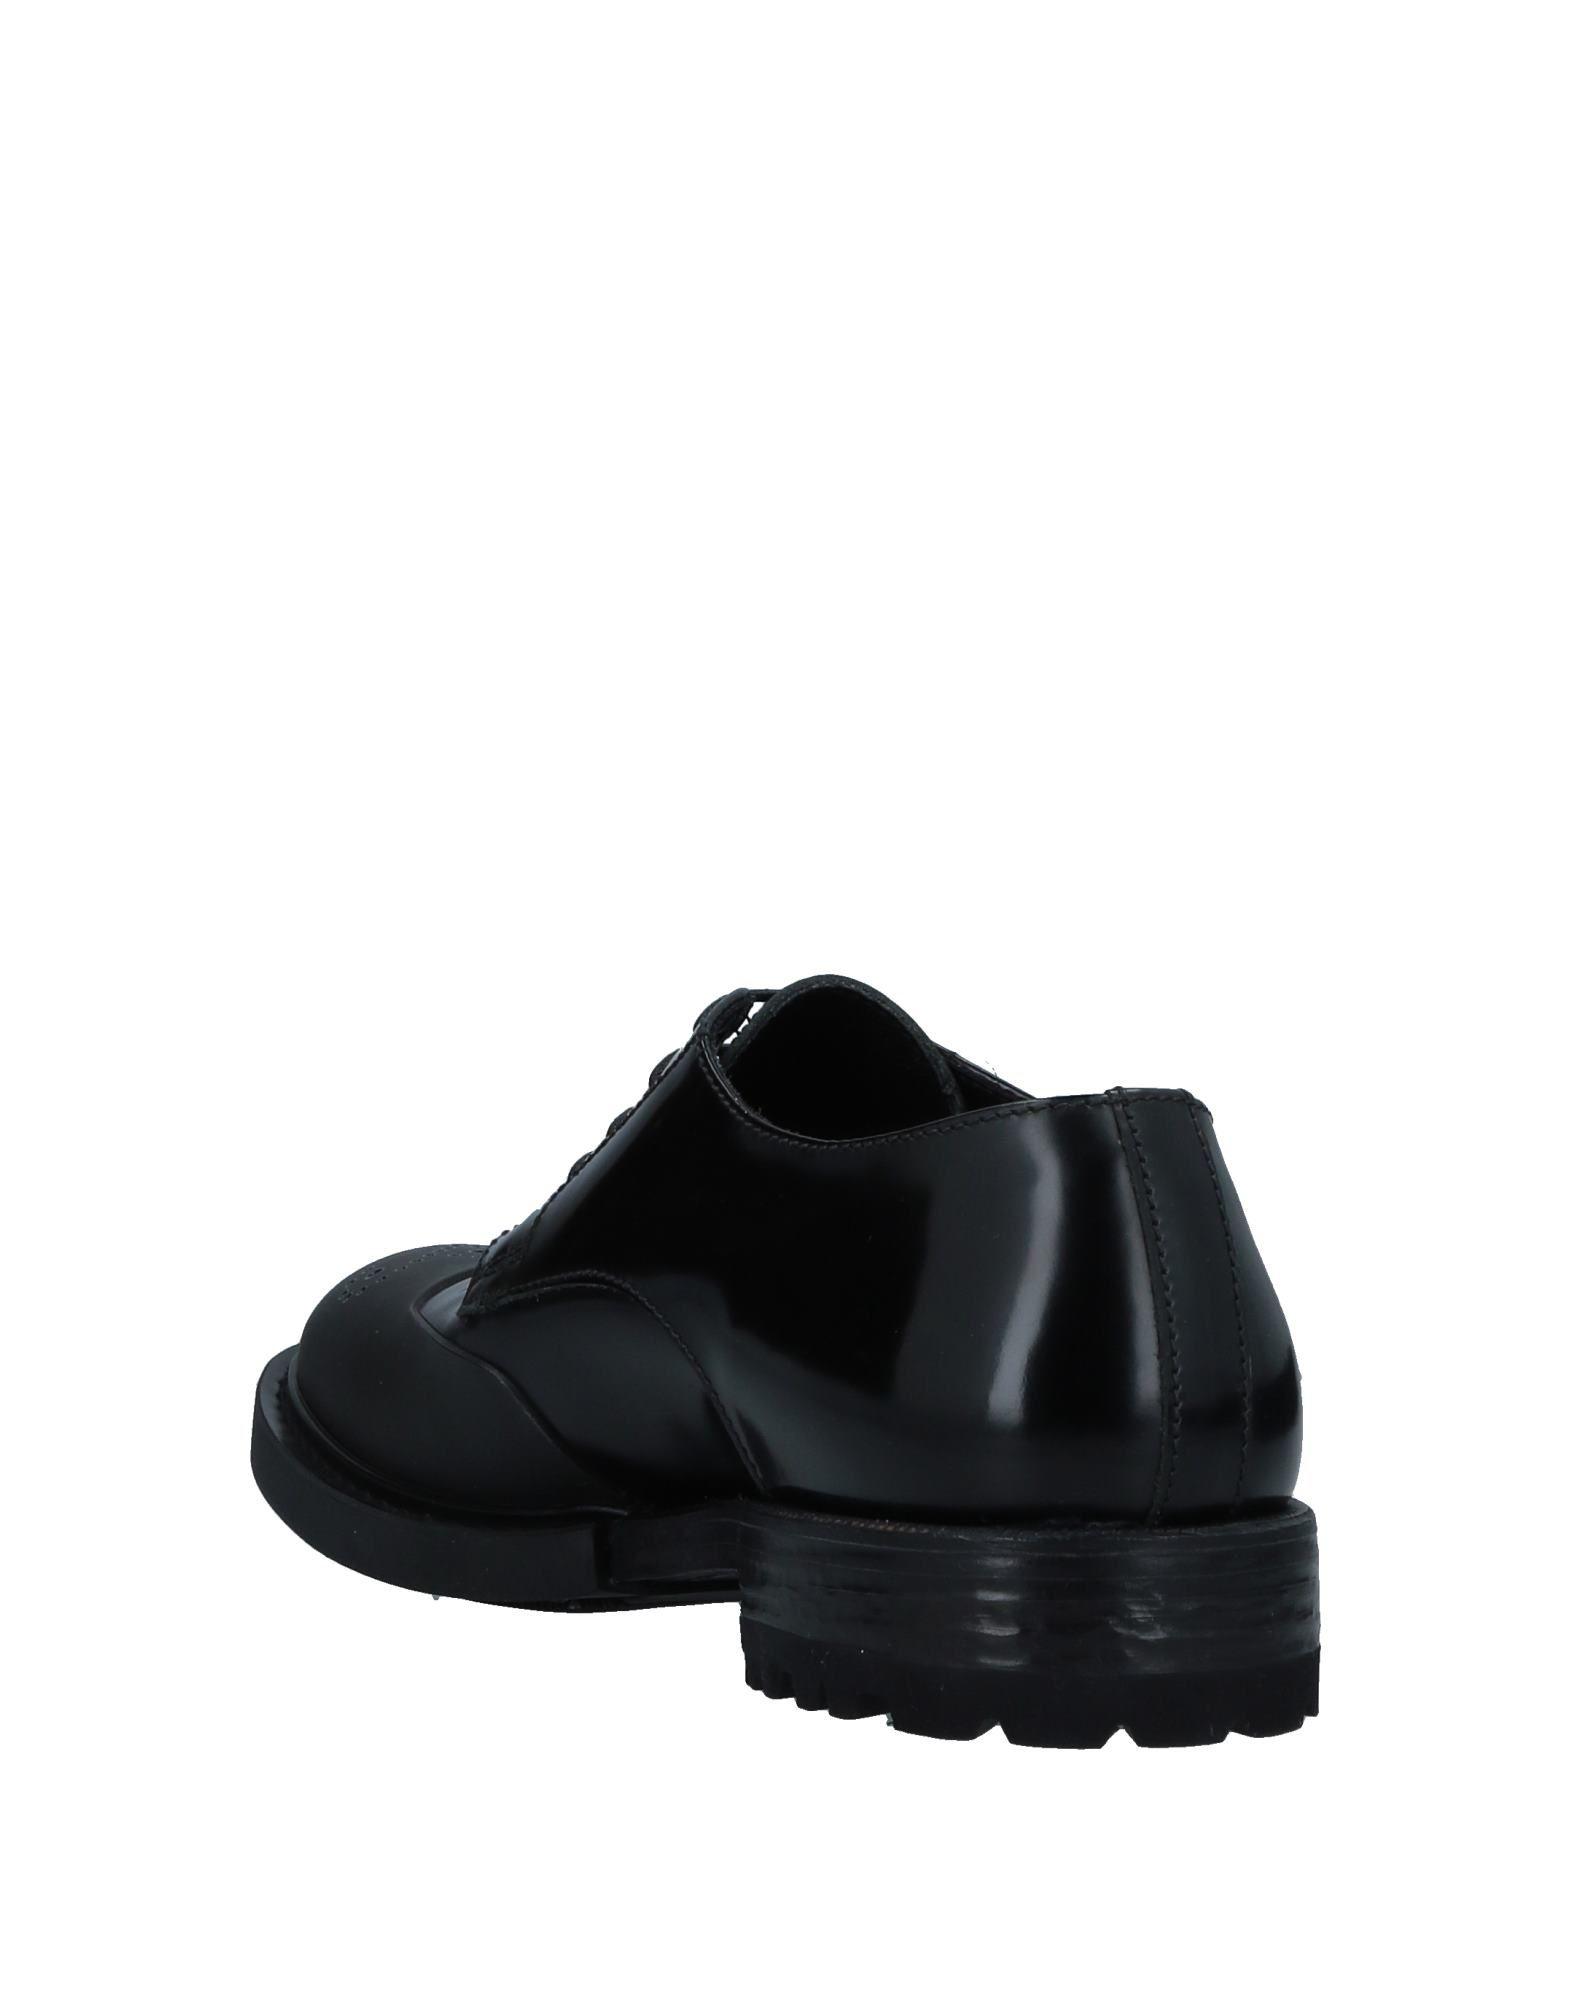 Barracuda Schnürschuhe Herren  11532738KO Gute Qualität beliebte Schuhe